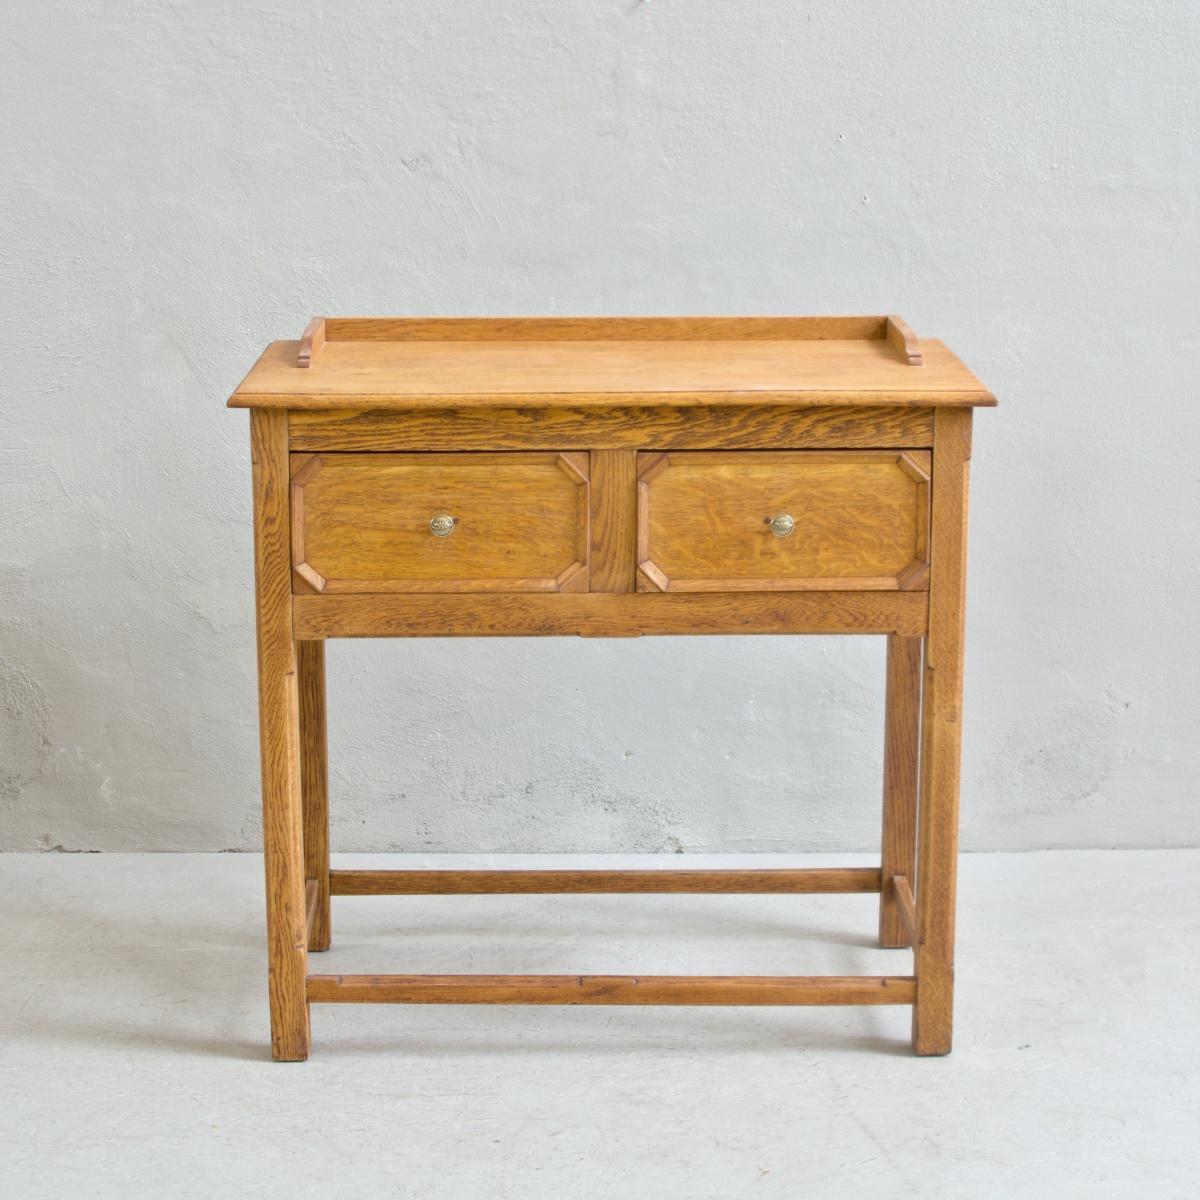 Prodej anglického nábytku anglický odkládací stolek